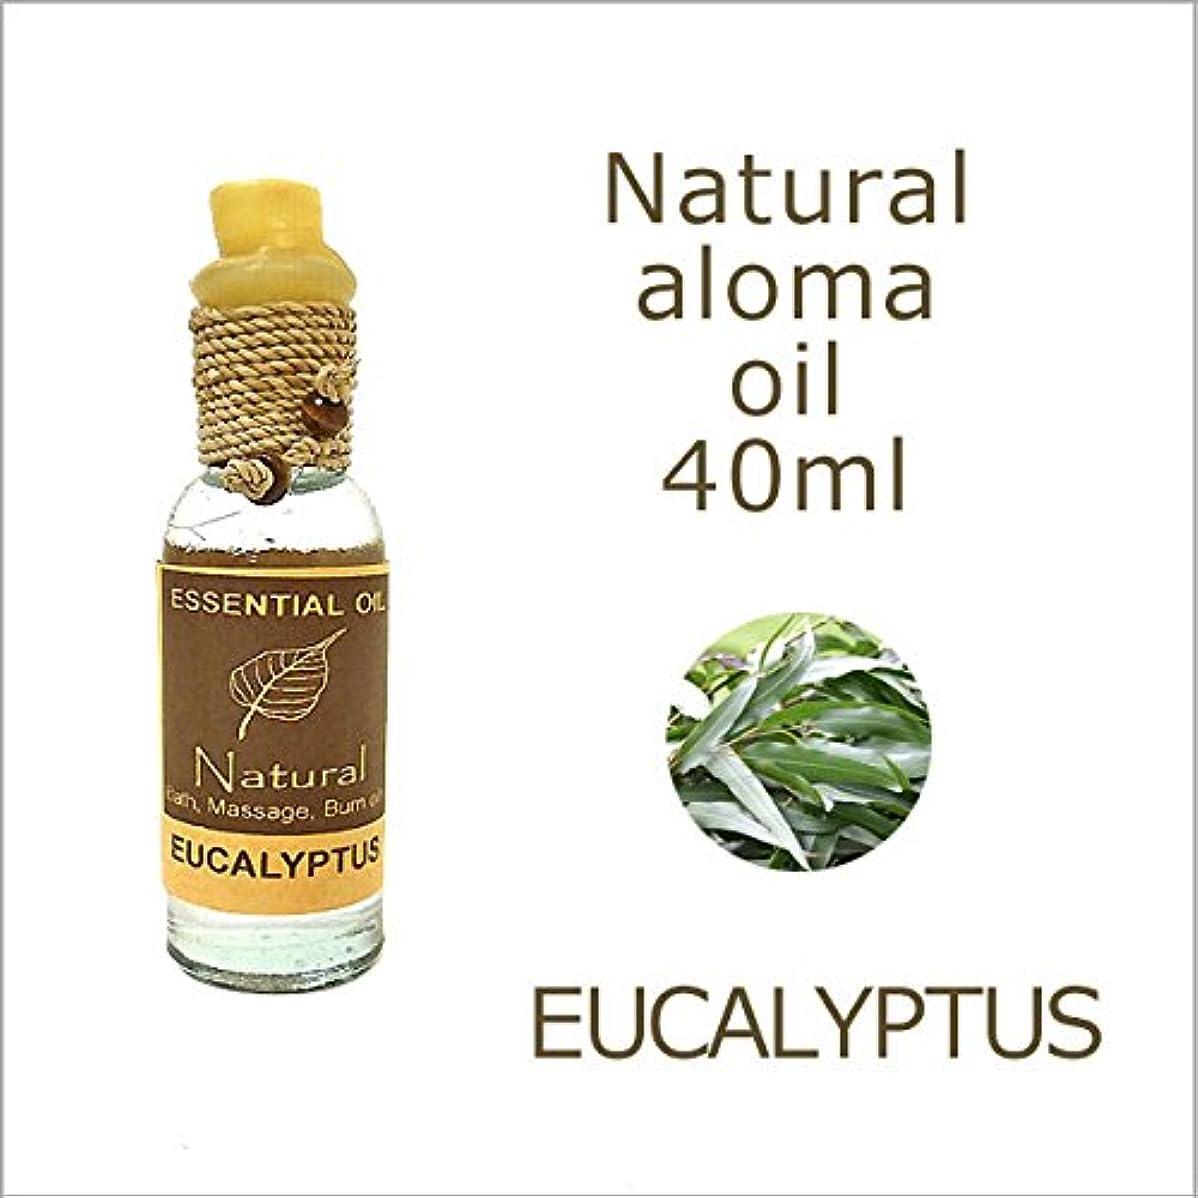 モナリザスペア反響するユーカリ Eucalyptusアロマオイル40ml マッサージオイル アジアン 雑貨 バリ 雑貨 タイ 雑貨 アジアン インテリア 花粉 対策 並行輸入品